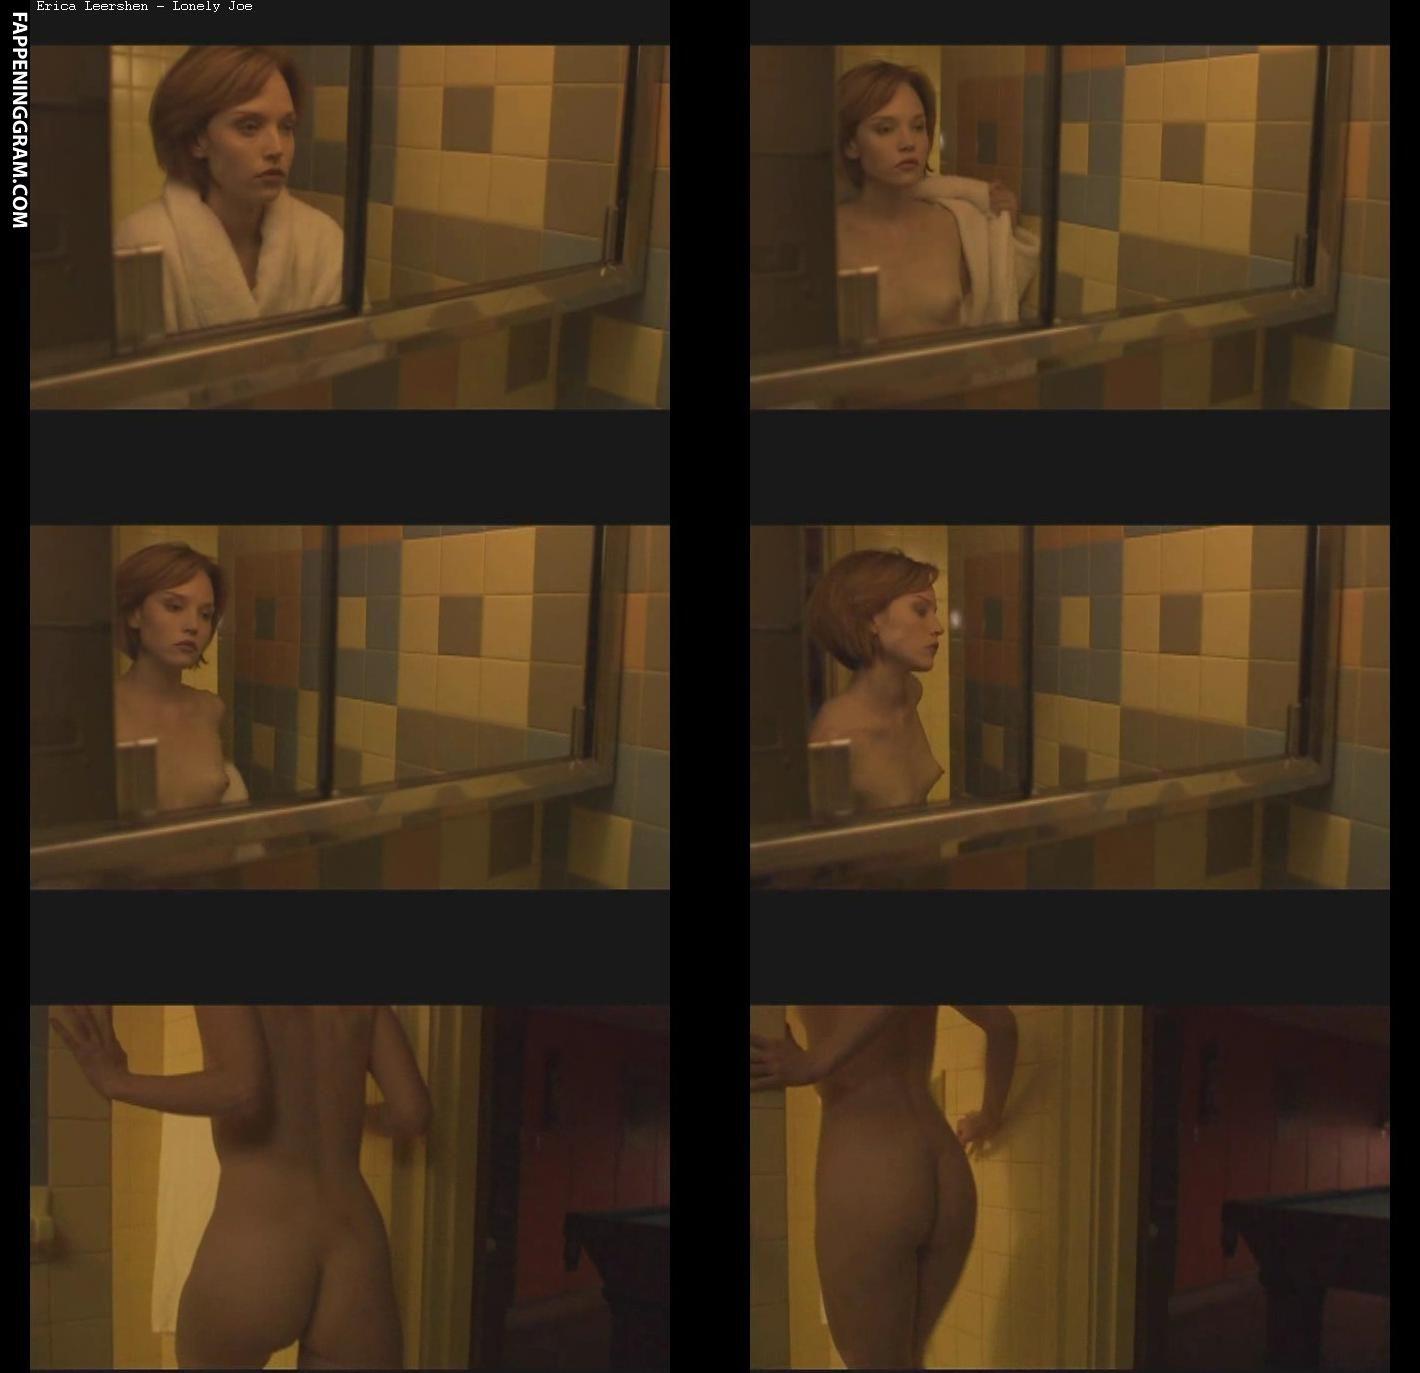 Erica leerhsen nude naked